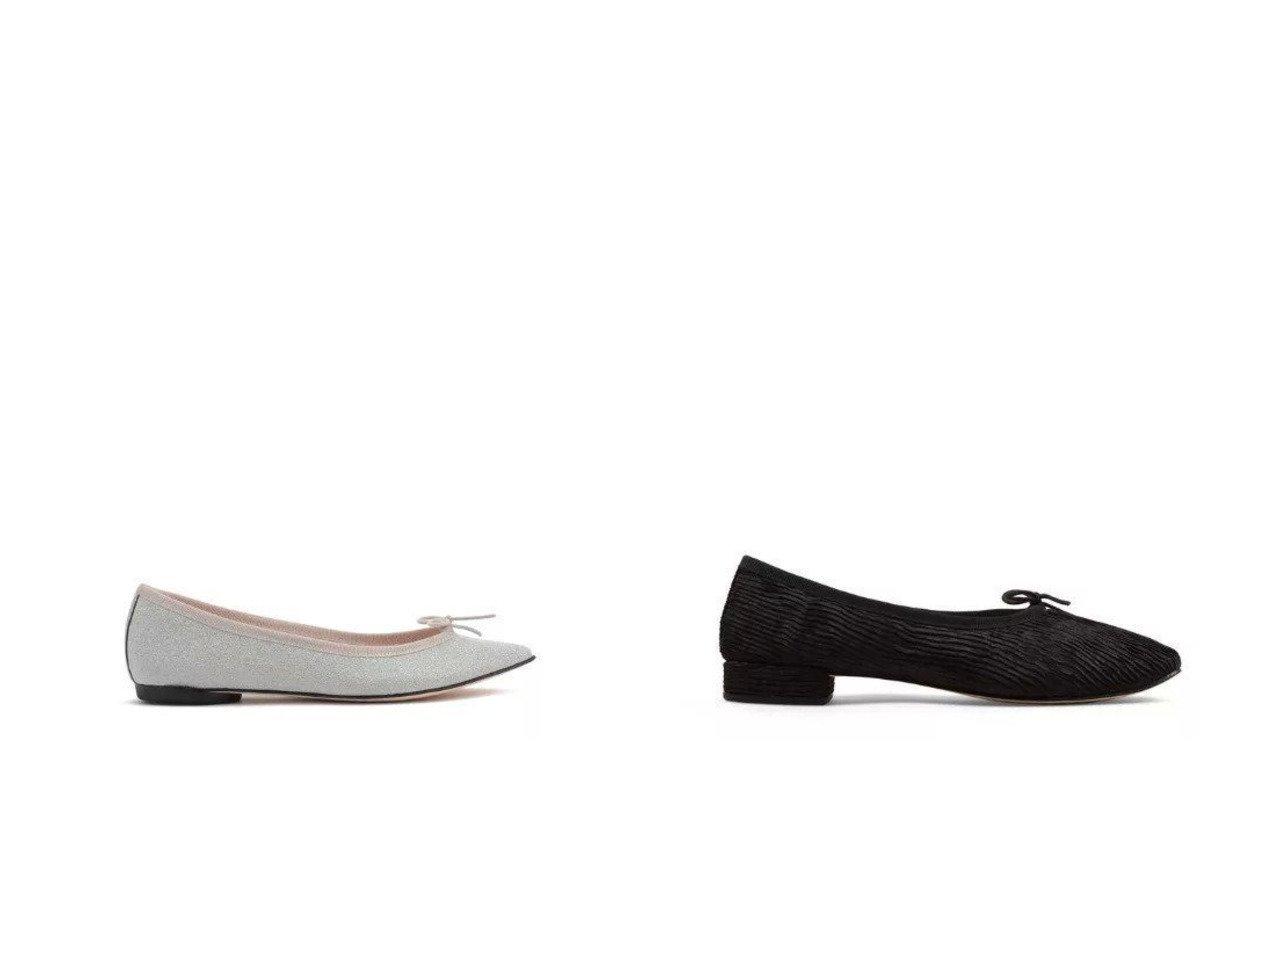 【repetto/レペット】のDanse Ballerinas&Brigitte Ballerinas 【シューズ・靴】おすすめ!人気、トレンド・レディースファッションの通販 おすすめで人気の流行・トレンド、ファッションの通販商品 メンズファッション・キッズファッション・インテリア・家具・レディースファッション・服の通販 founy(ファニー) https://founy.com/ ファッション Fashion レディースファッション WOMEN グリッター シューズ バレエ フィット フォルム フラット ワンポイント エレガント プリーツ リボン レース |ID:crp329100000028386